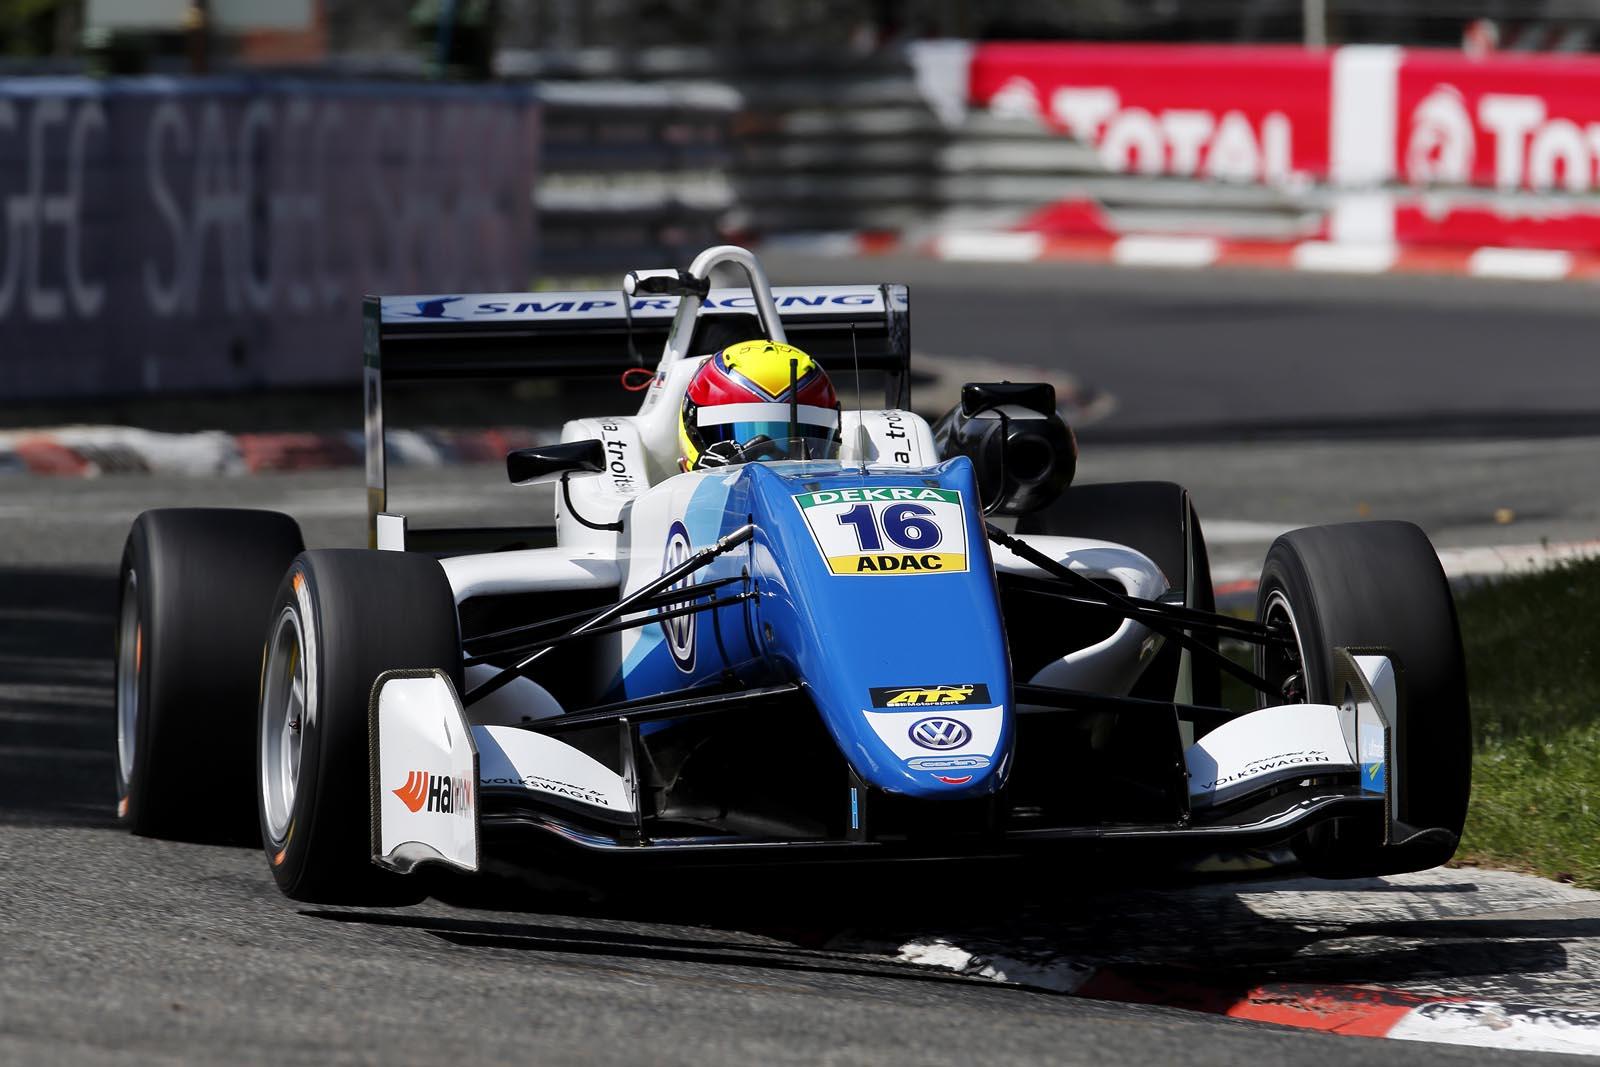 2018-FIA-F3-01-Suer-1454.jpg